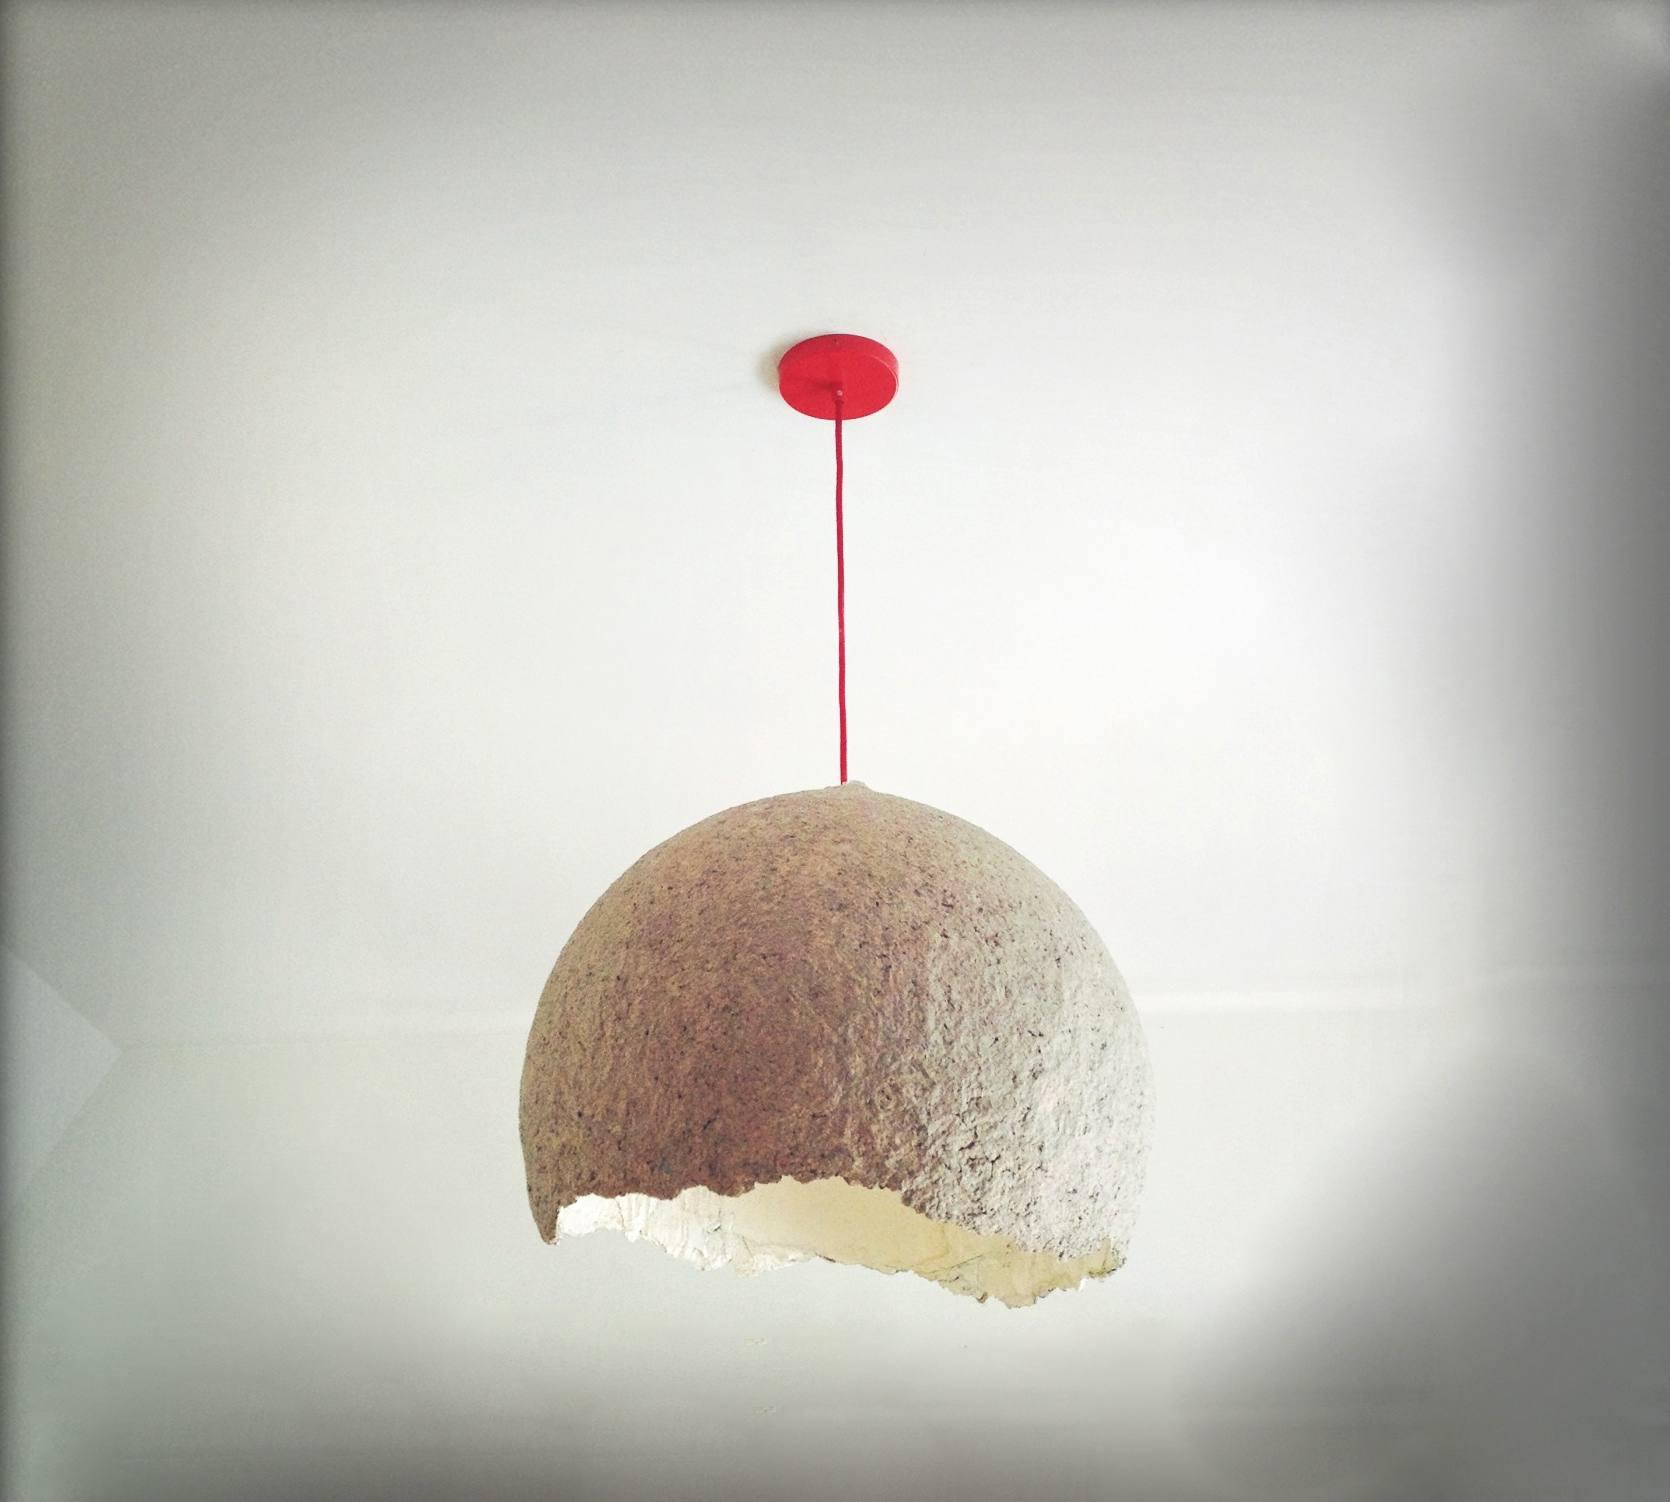 Make a Paper Mache Lamp